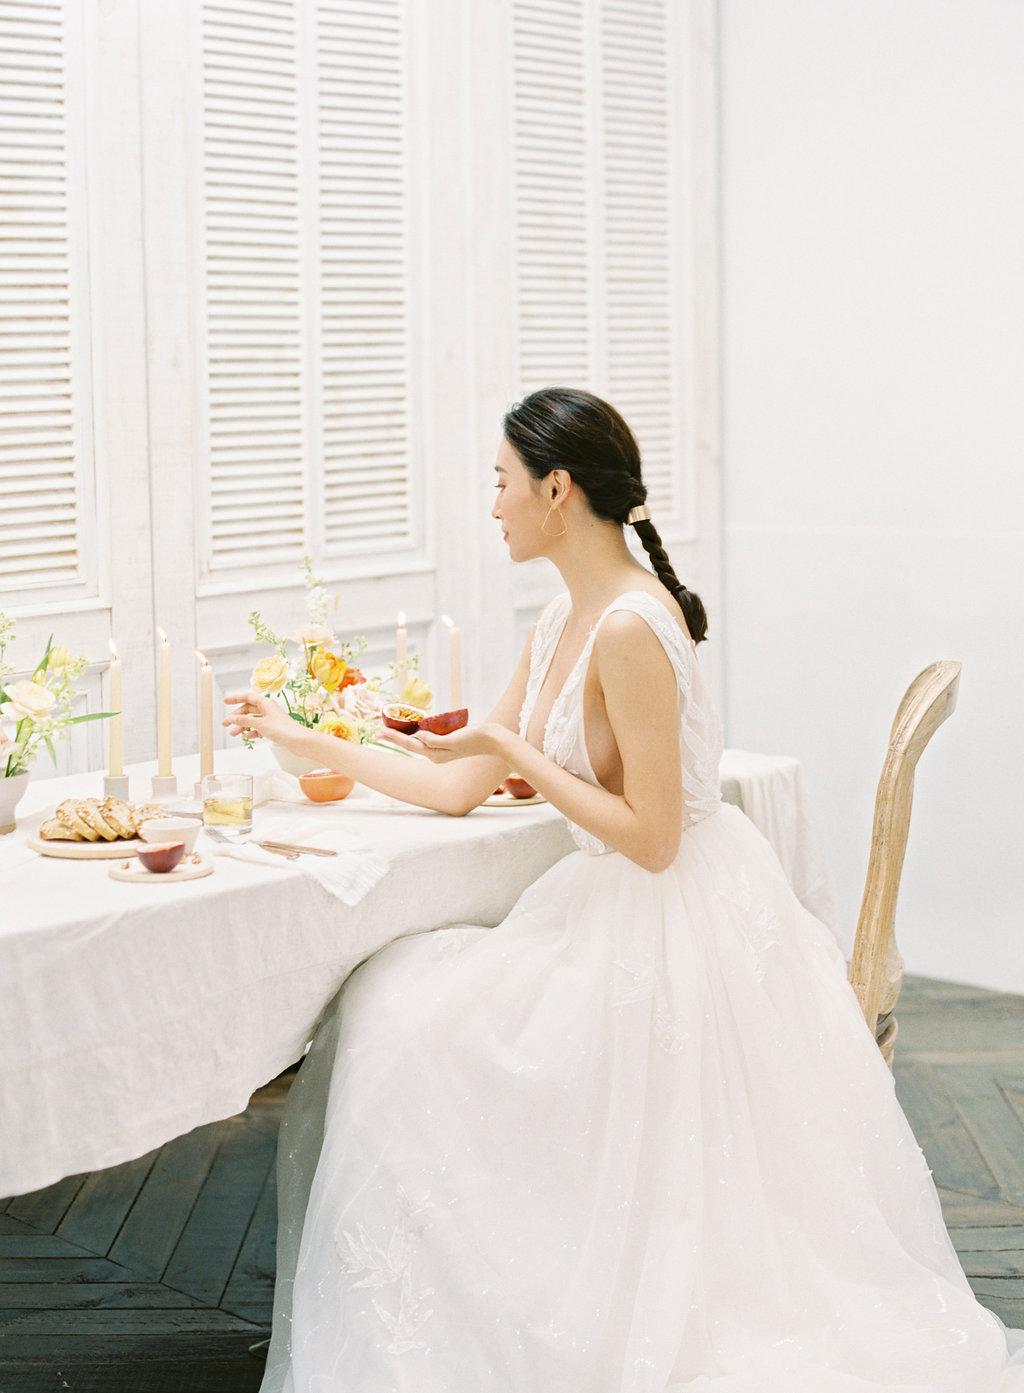 Weddingprep_046.jpg